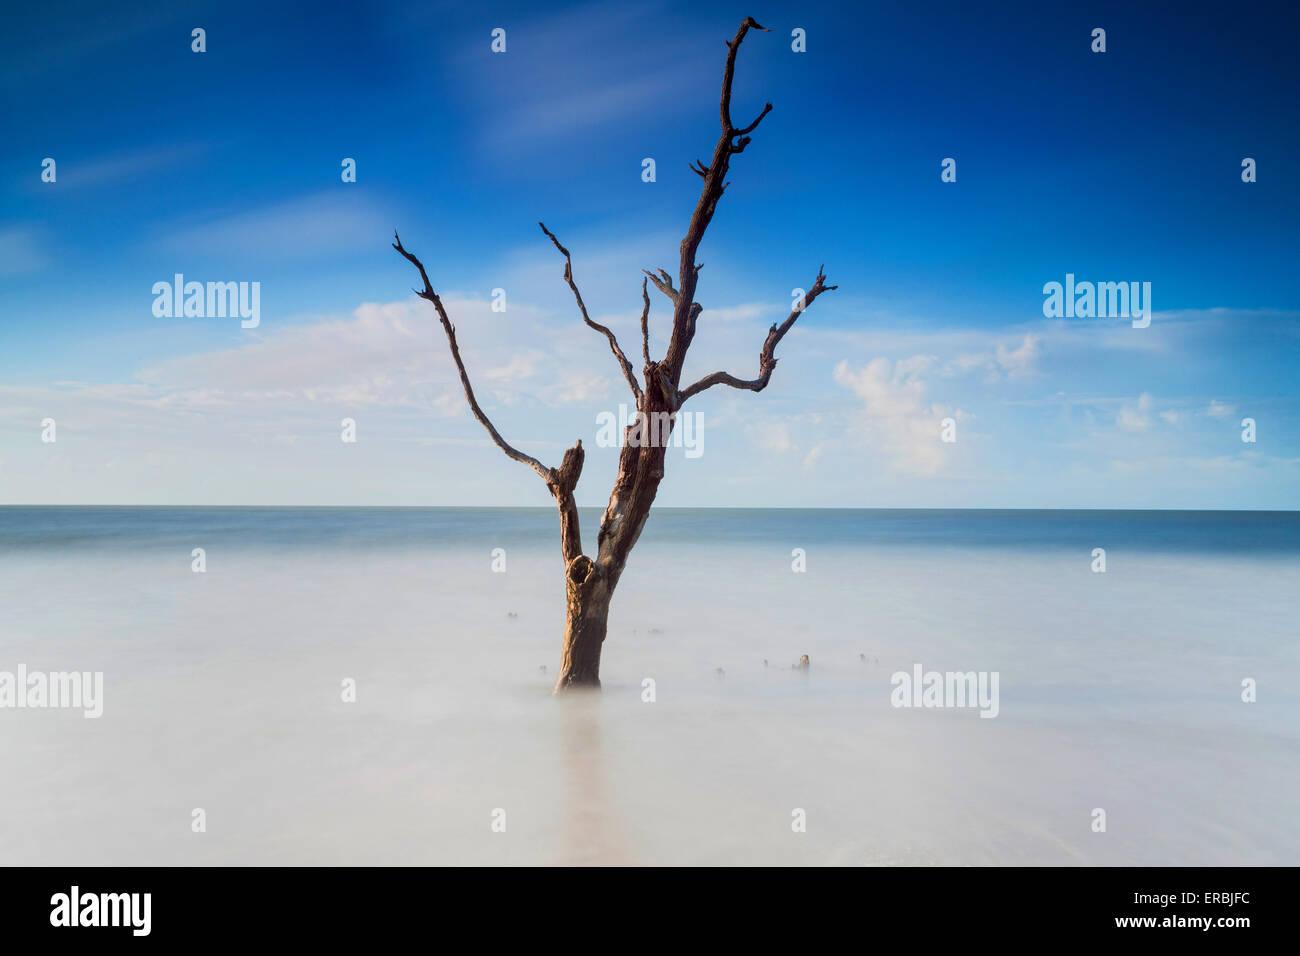 La luz de la mañana temprano en el Boneyard Beach en la Bahía Botany en Edisto Island, Carolina del Sur. Imagen De Stock